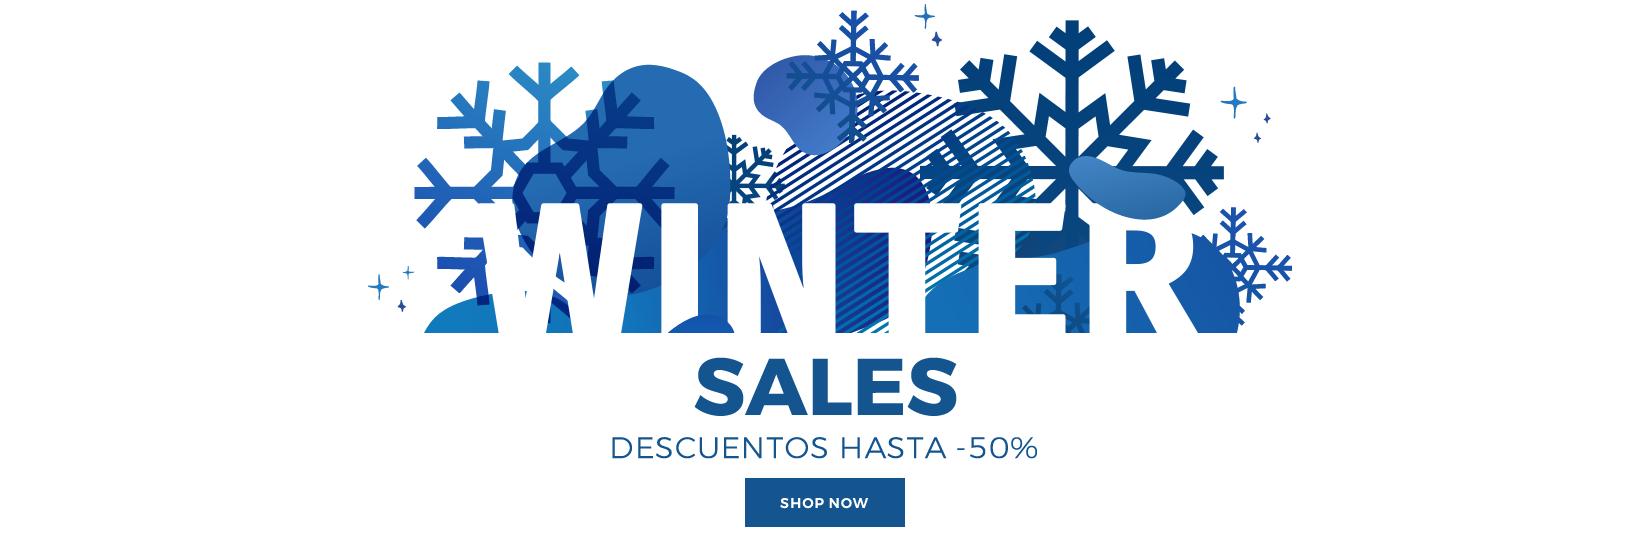 WINTER SALES DESCUENTOS HASTA -50% EXPIRA EL 31.01